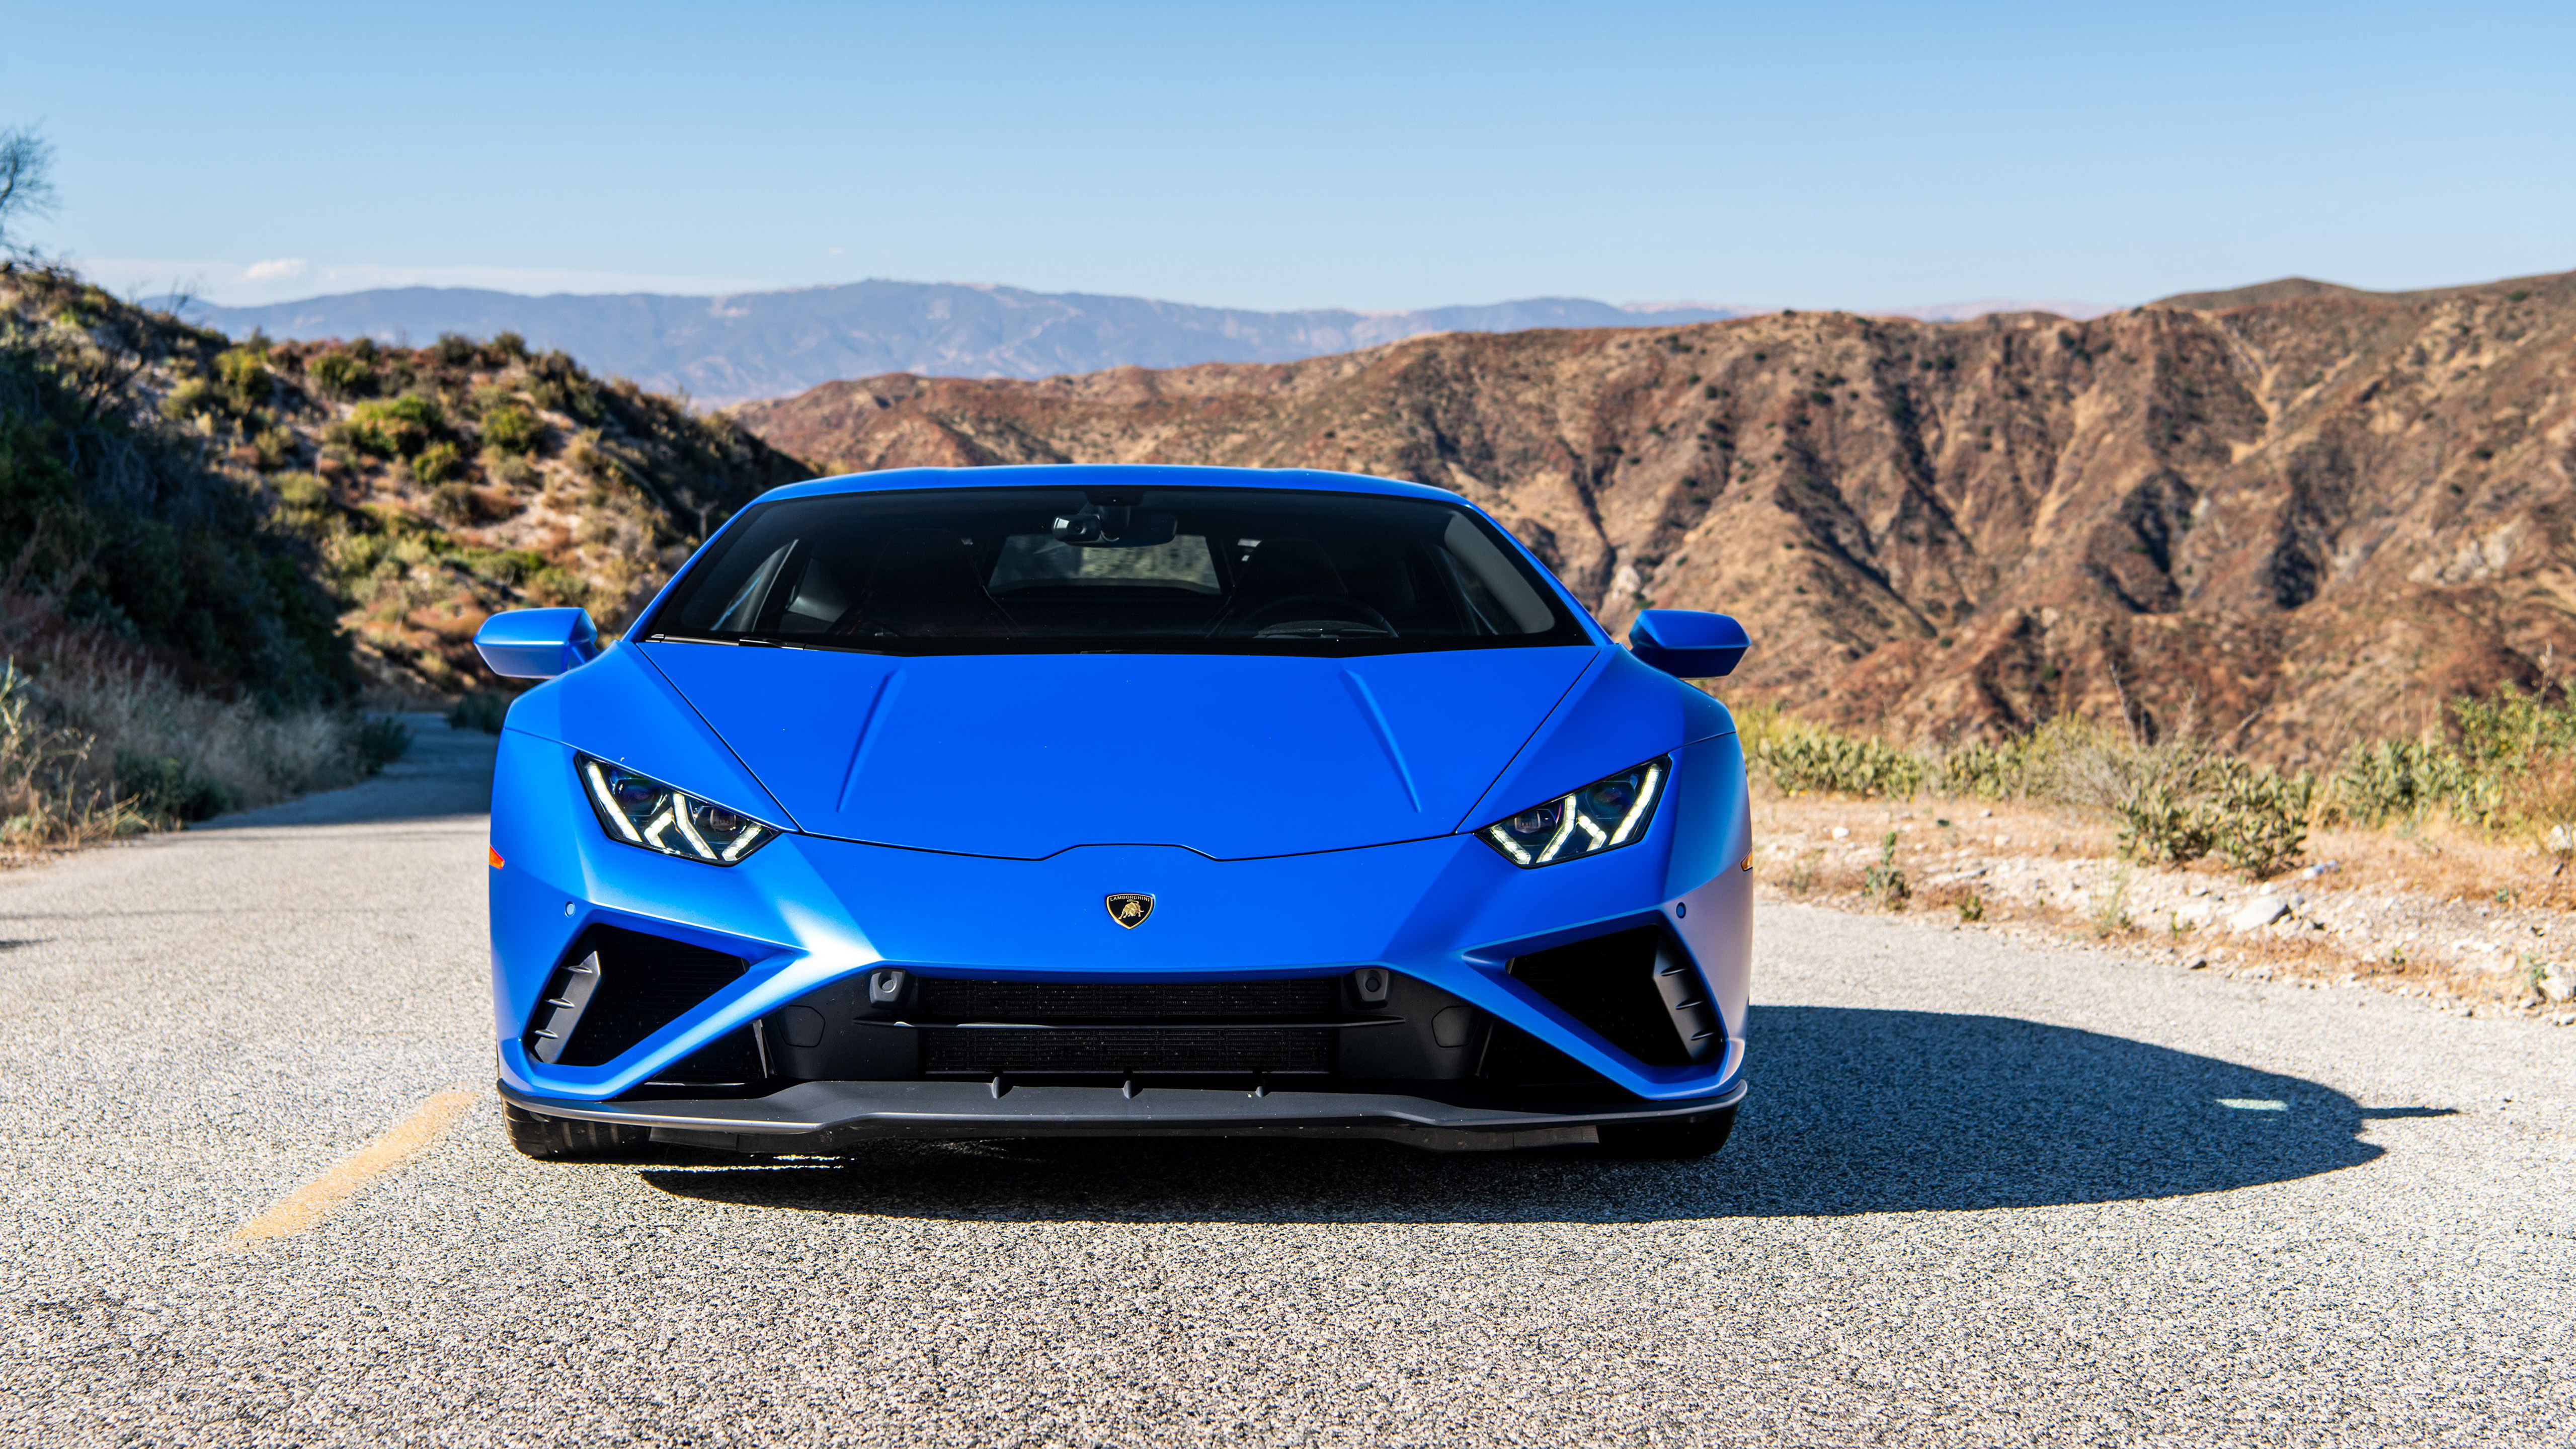 2020 Lamborghini Huracán EVO RWD 5K 2 Wallpaper | HD Car ...